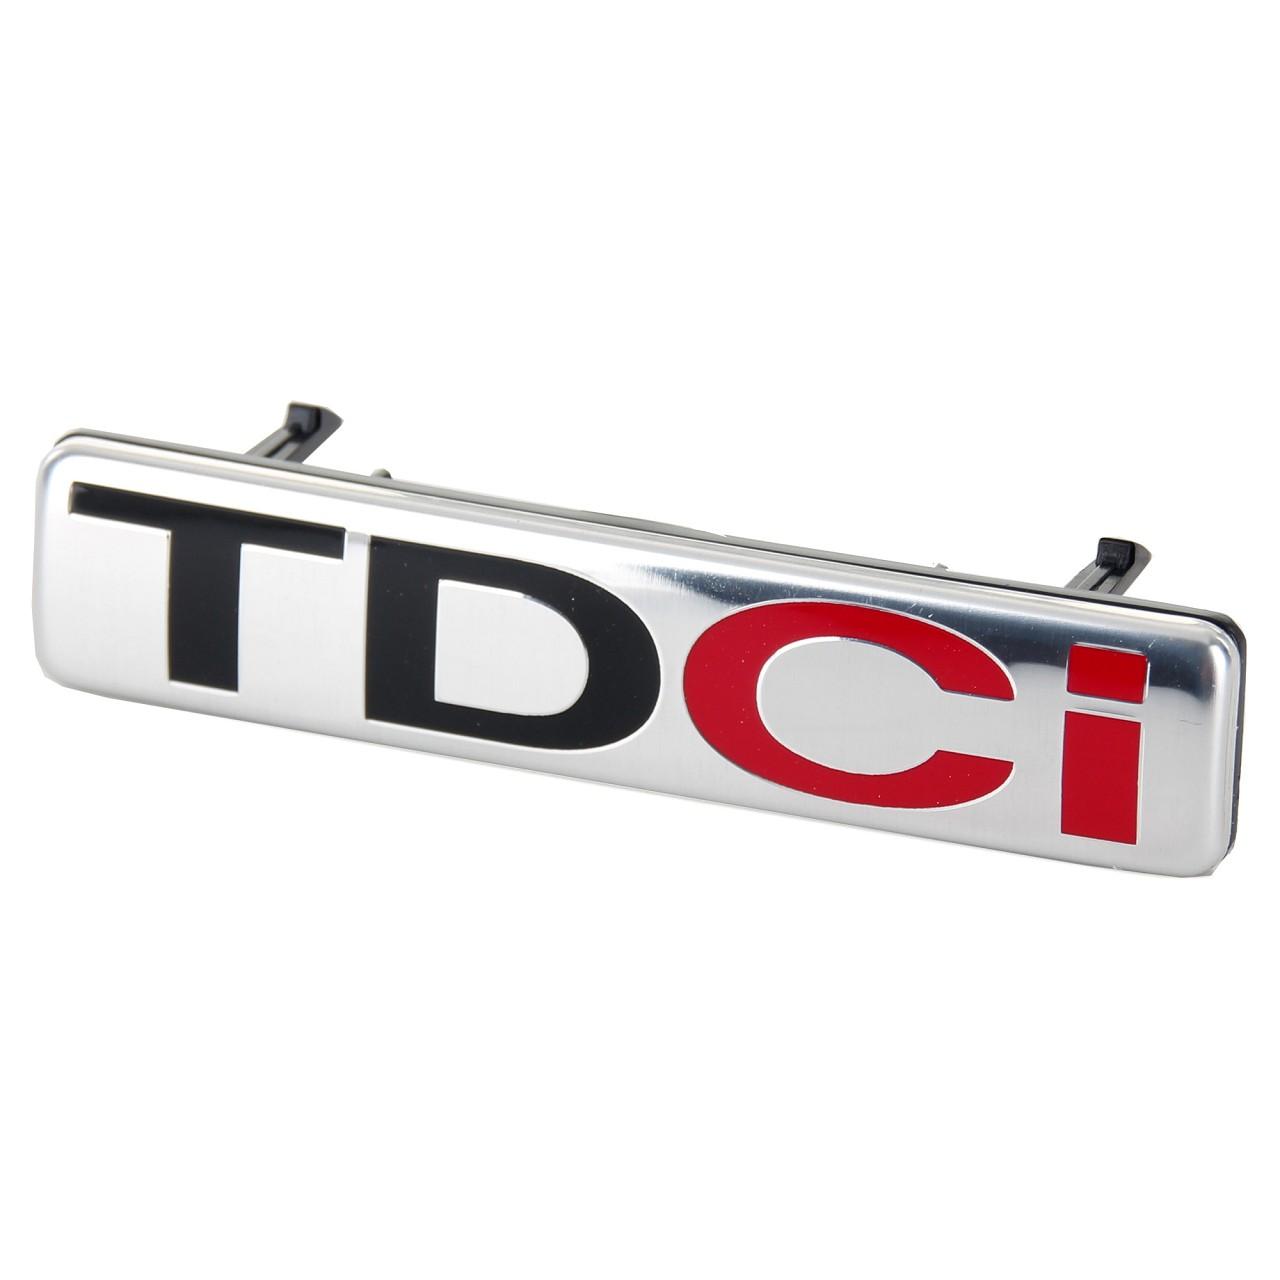 ORIGINAL Ford Emblem Schriftzug Zeichen Kühlergrill ''TDCi'' Transit 06-14 13...